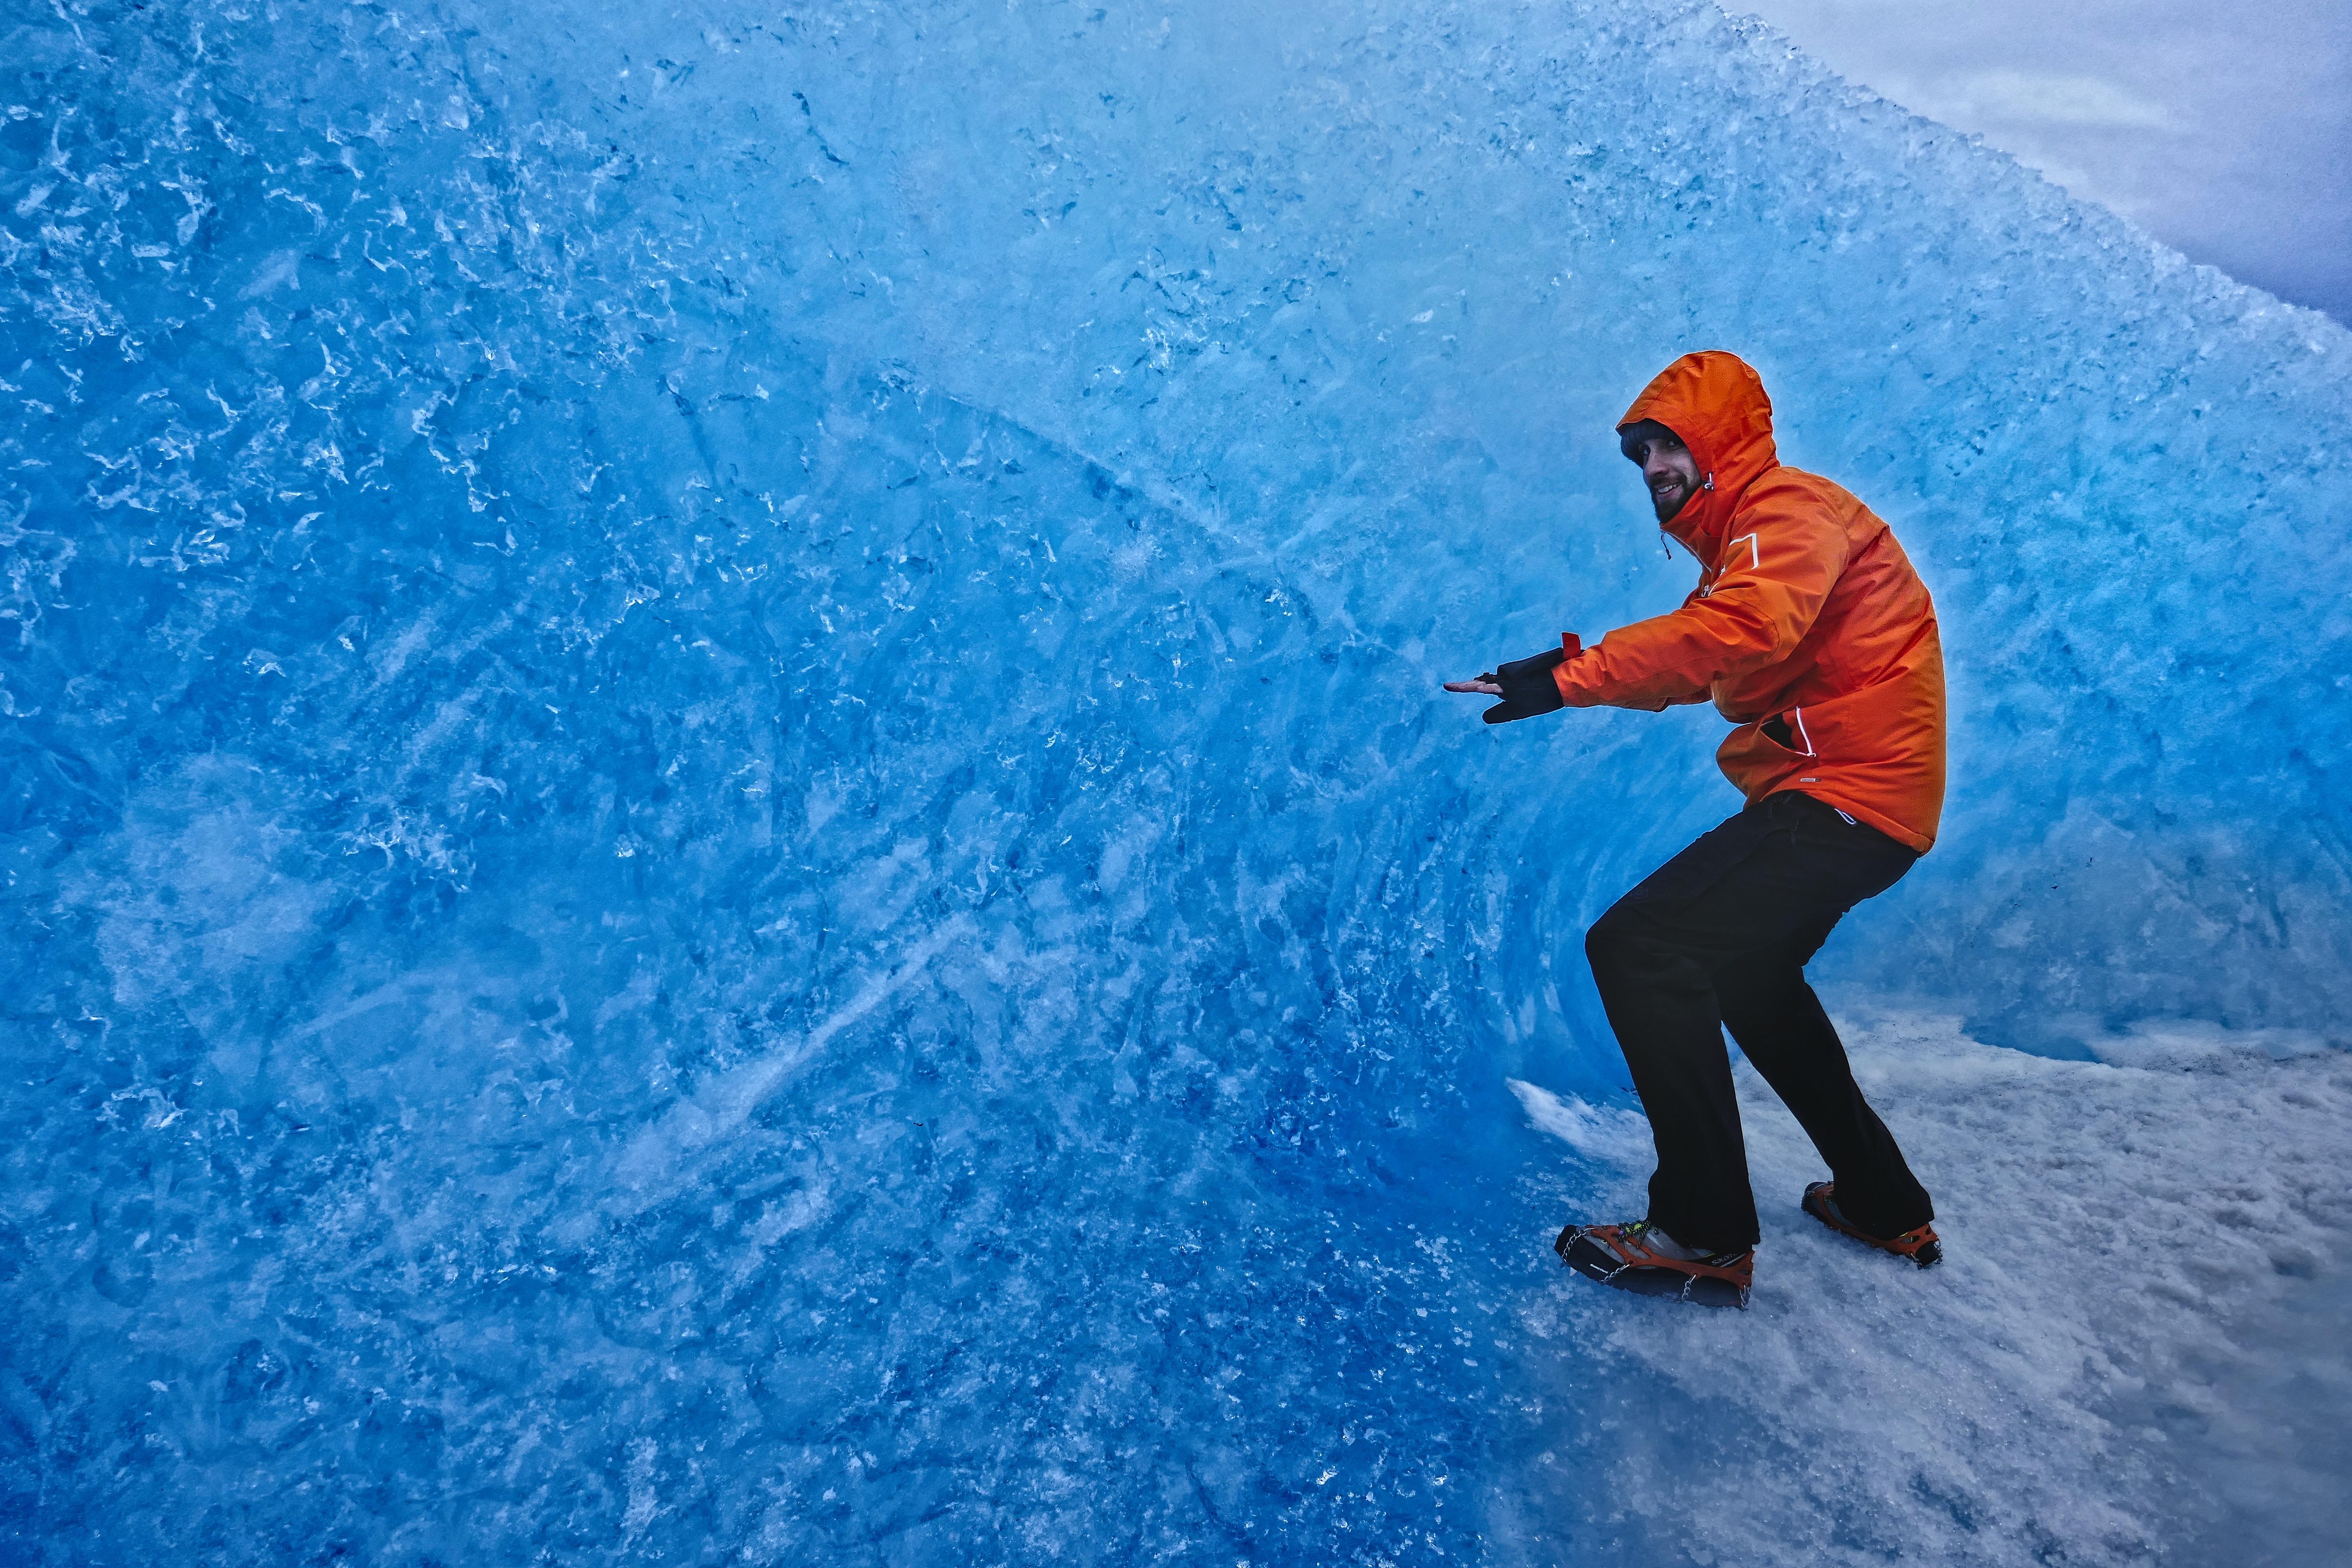 Blue ice wave - Vatnajökull, Iceland - Blue Iceland glacier tours